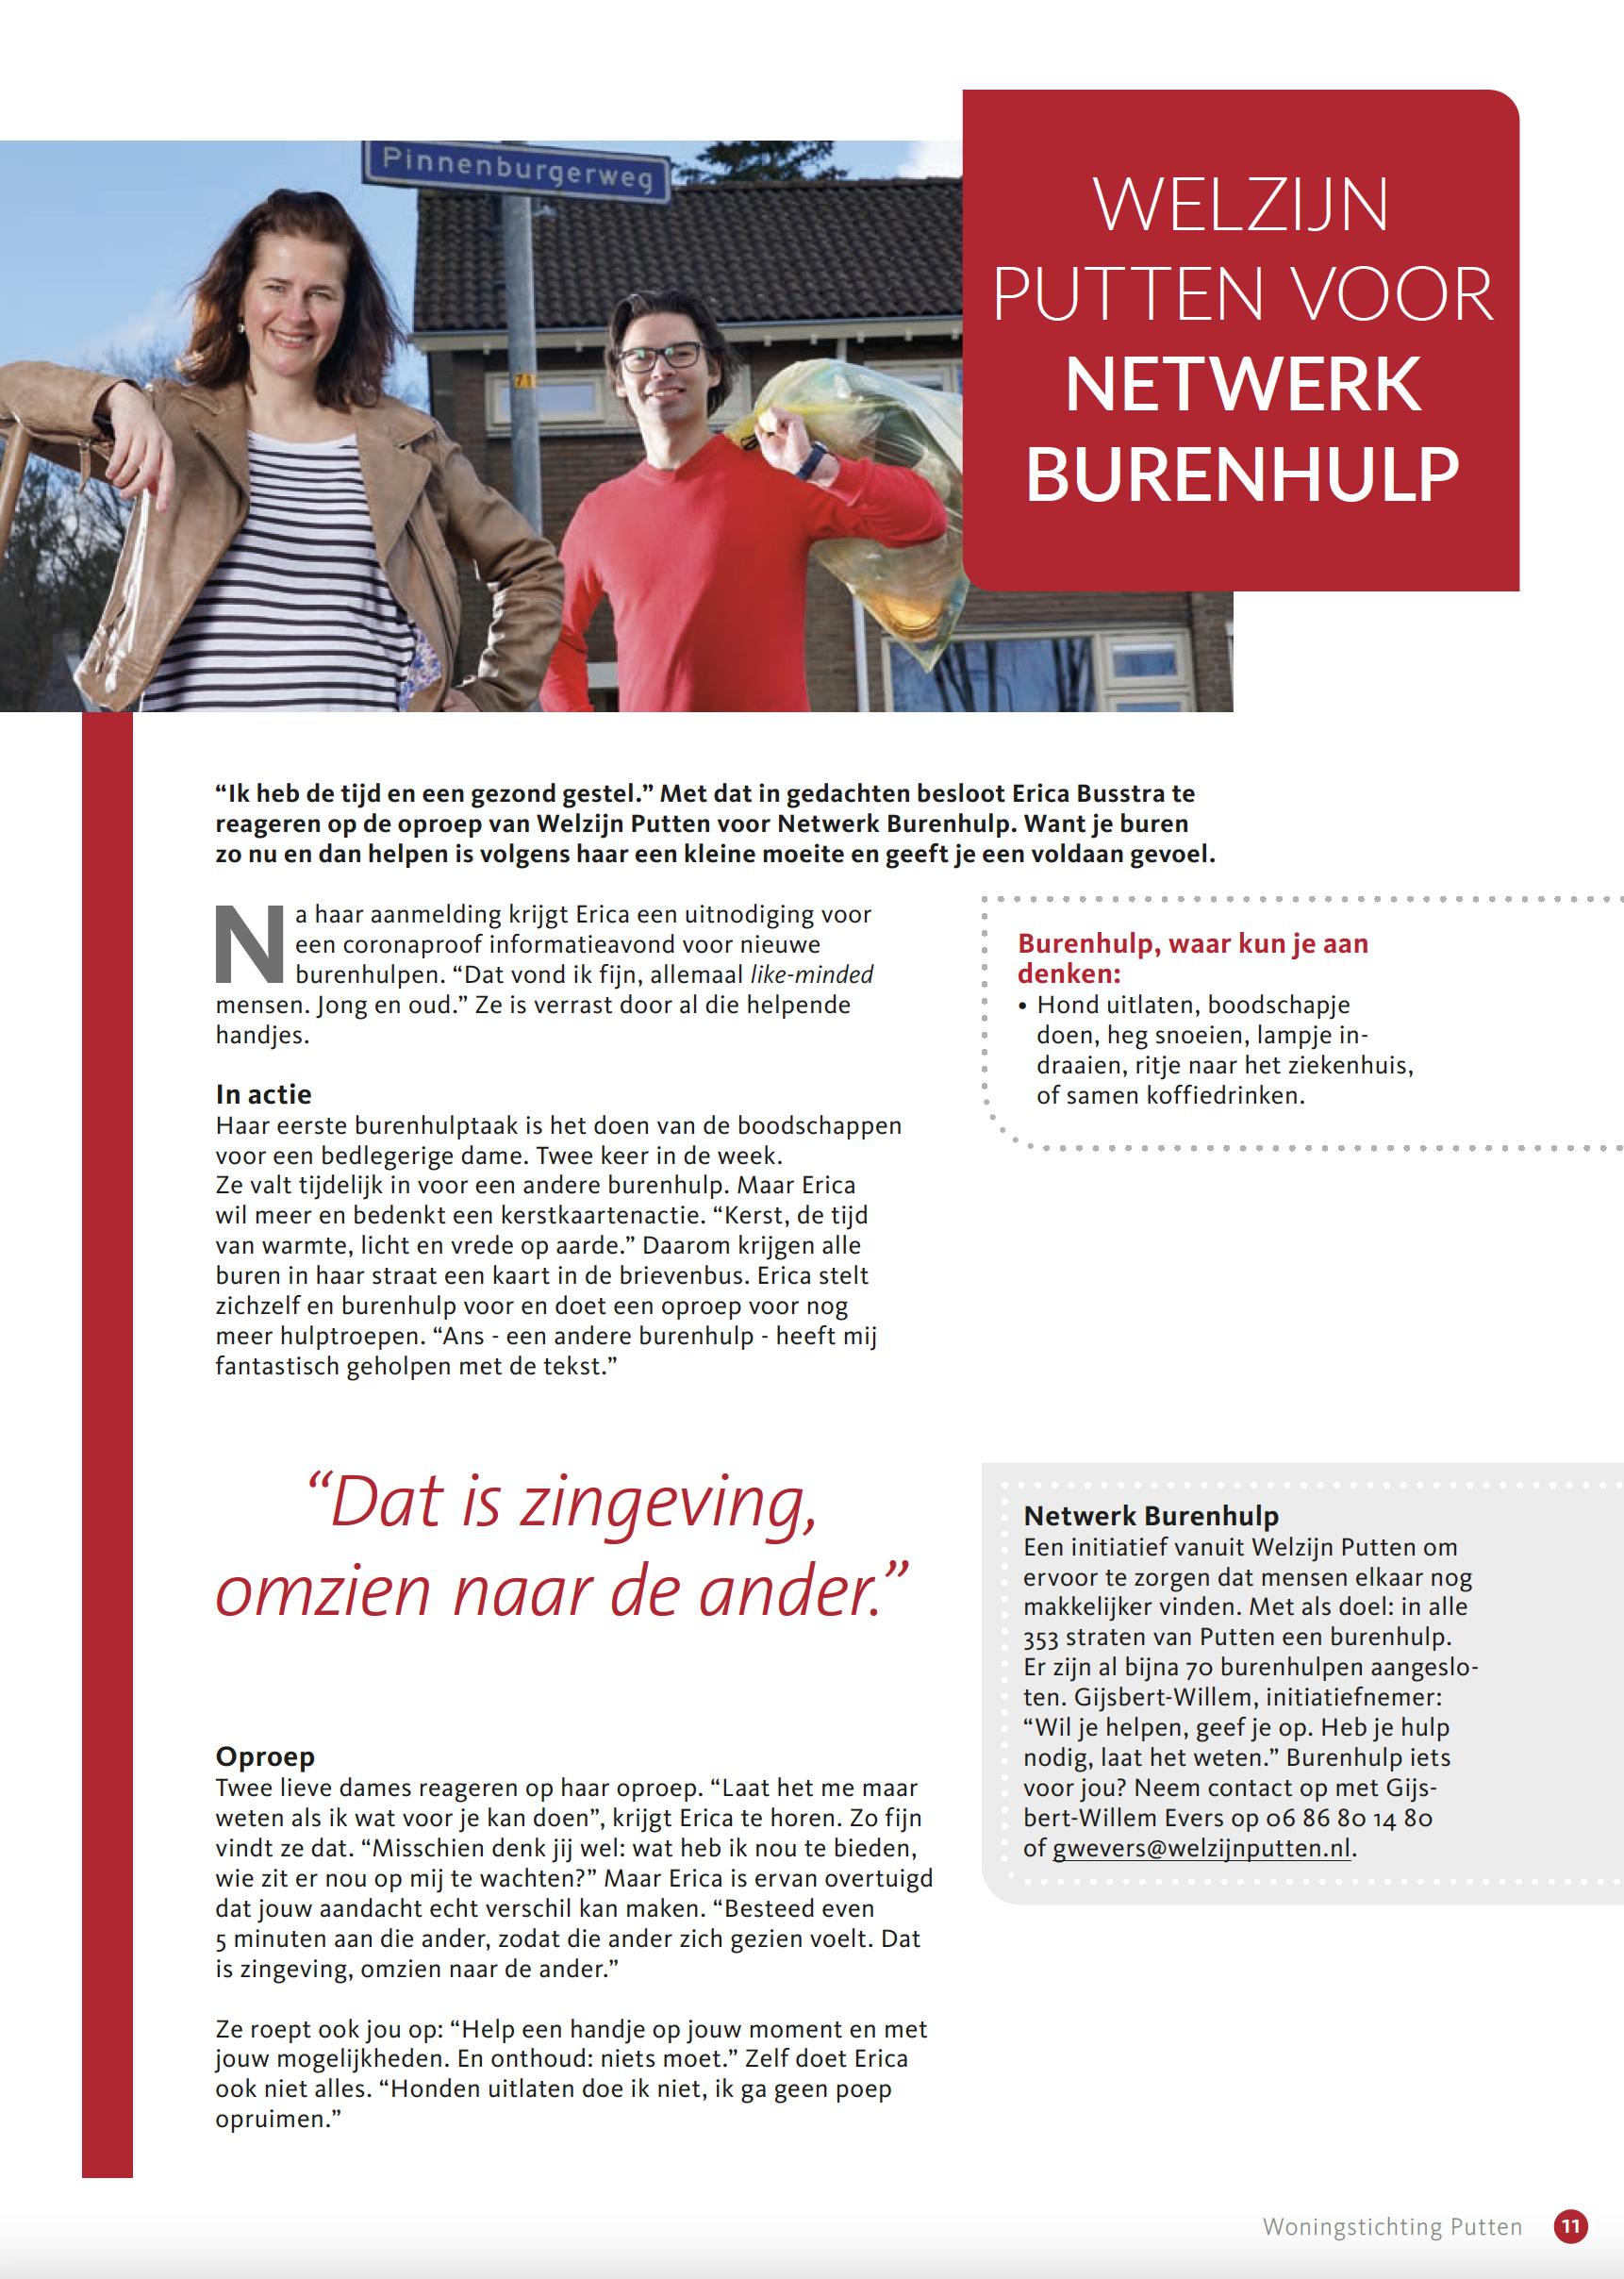 Netwerk_Burenhulp